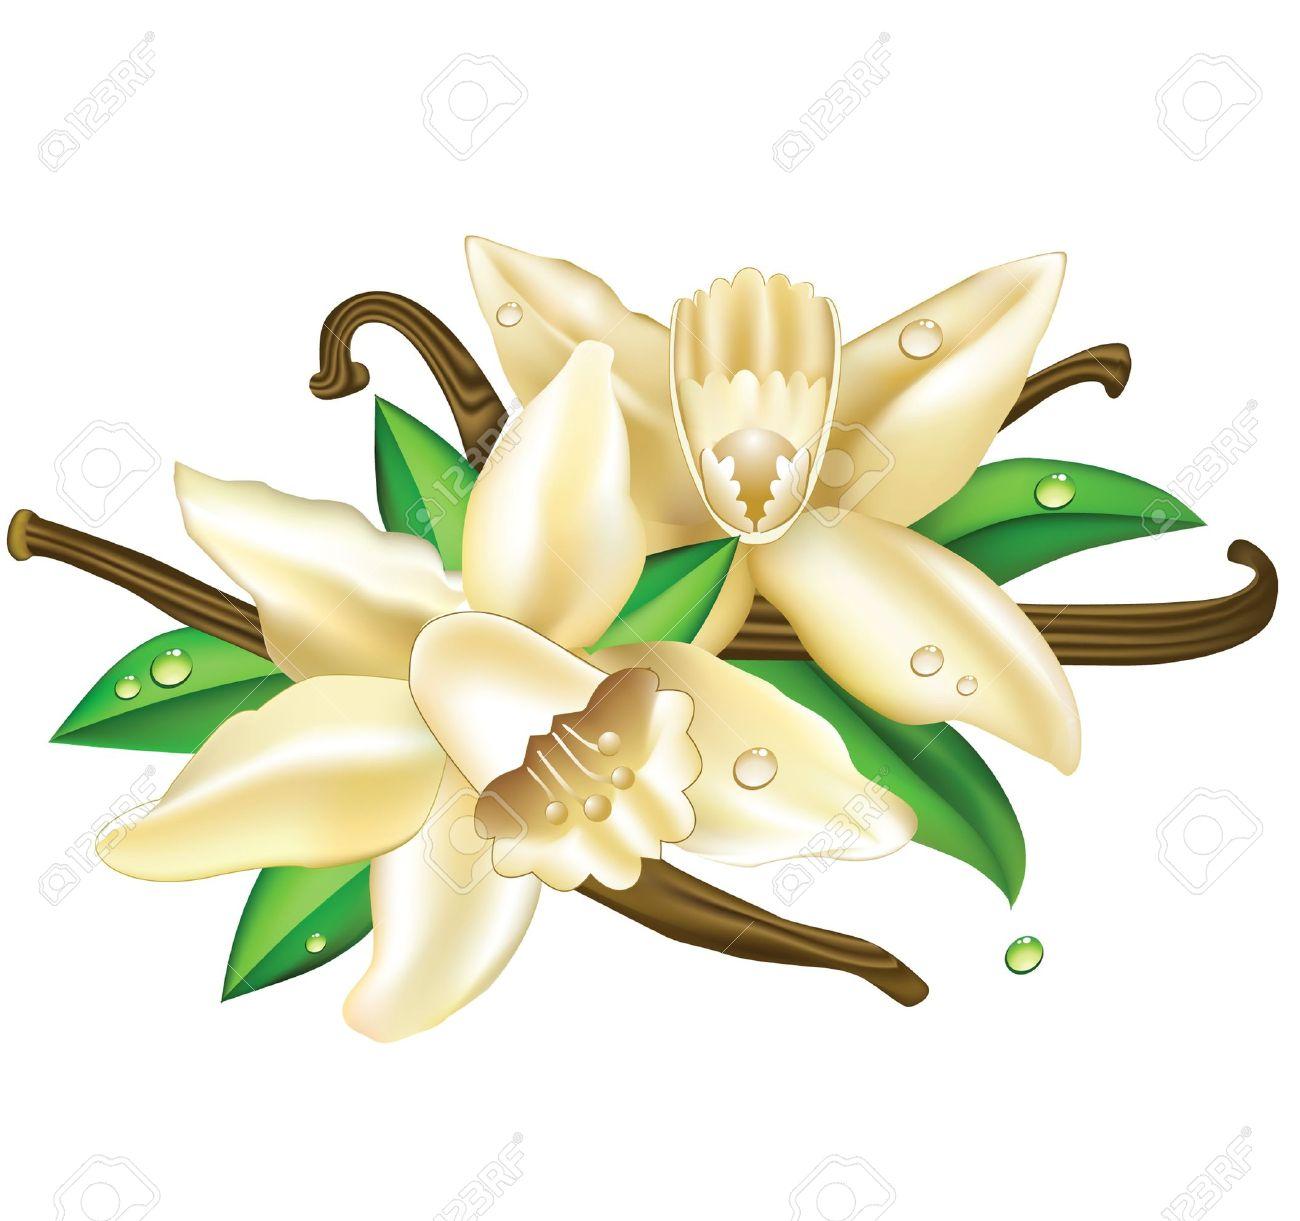 fleur de vanille banque d'images, vecteurs et illustrations libres